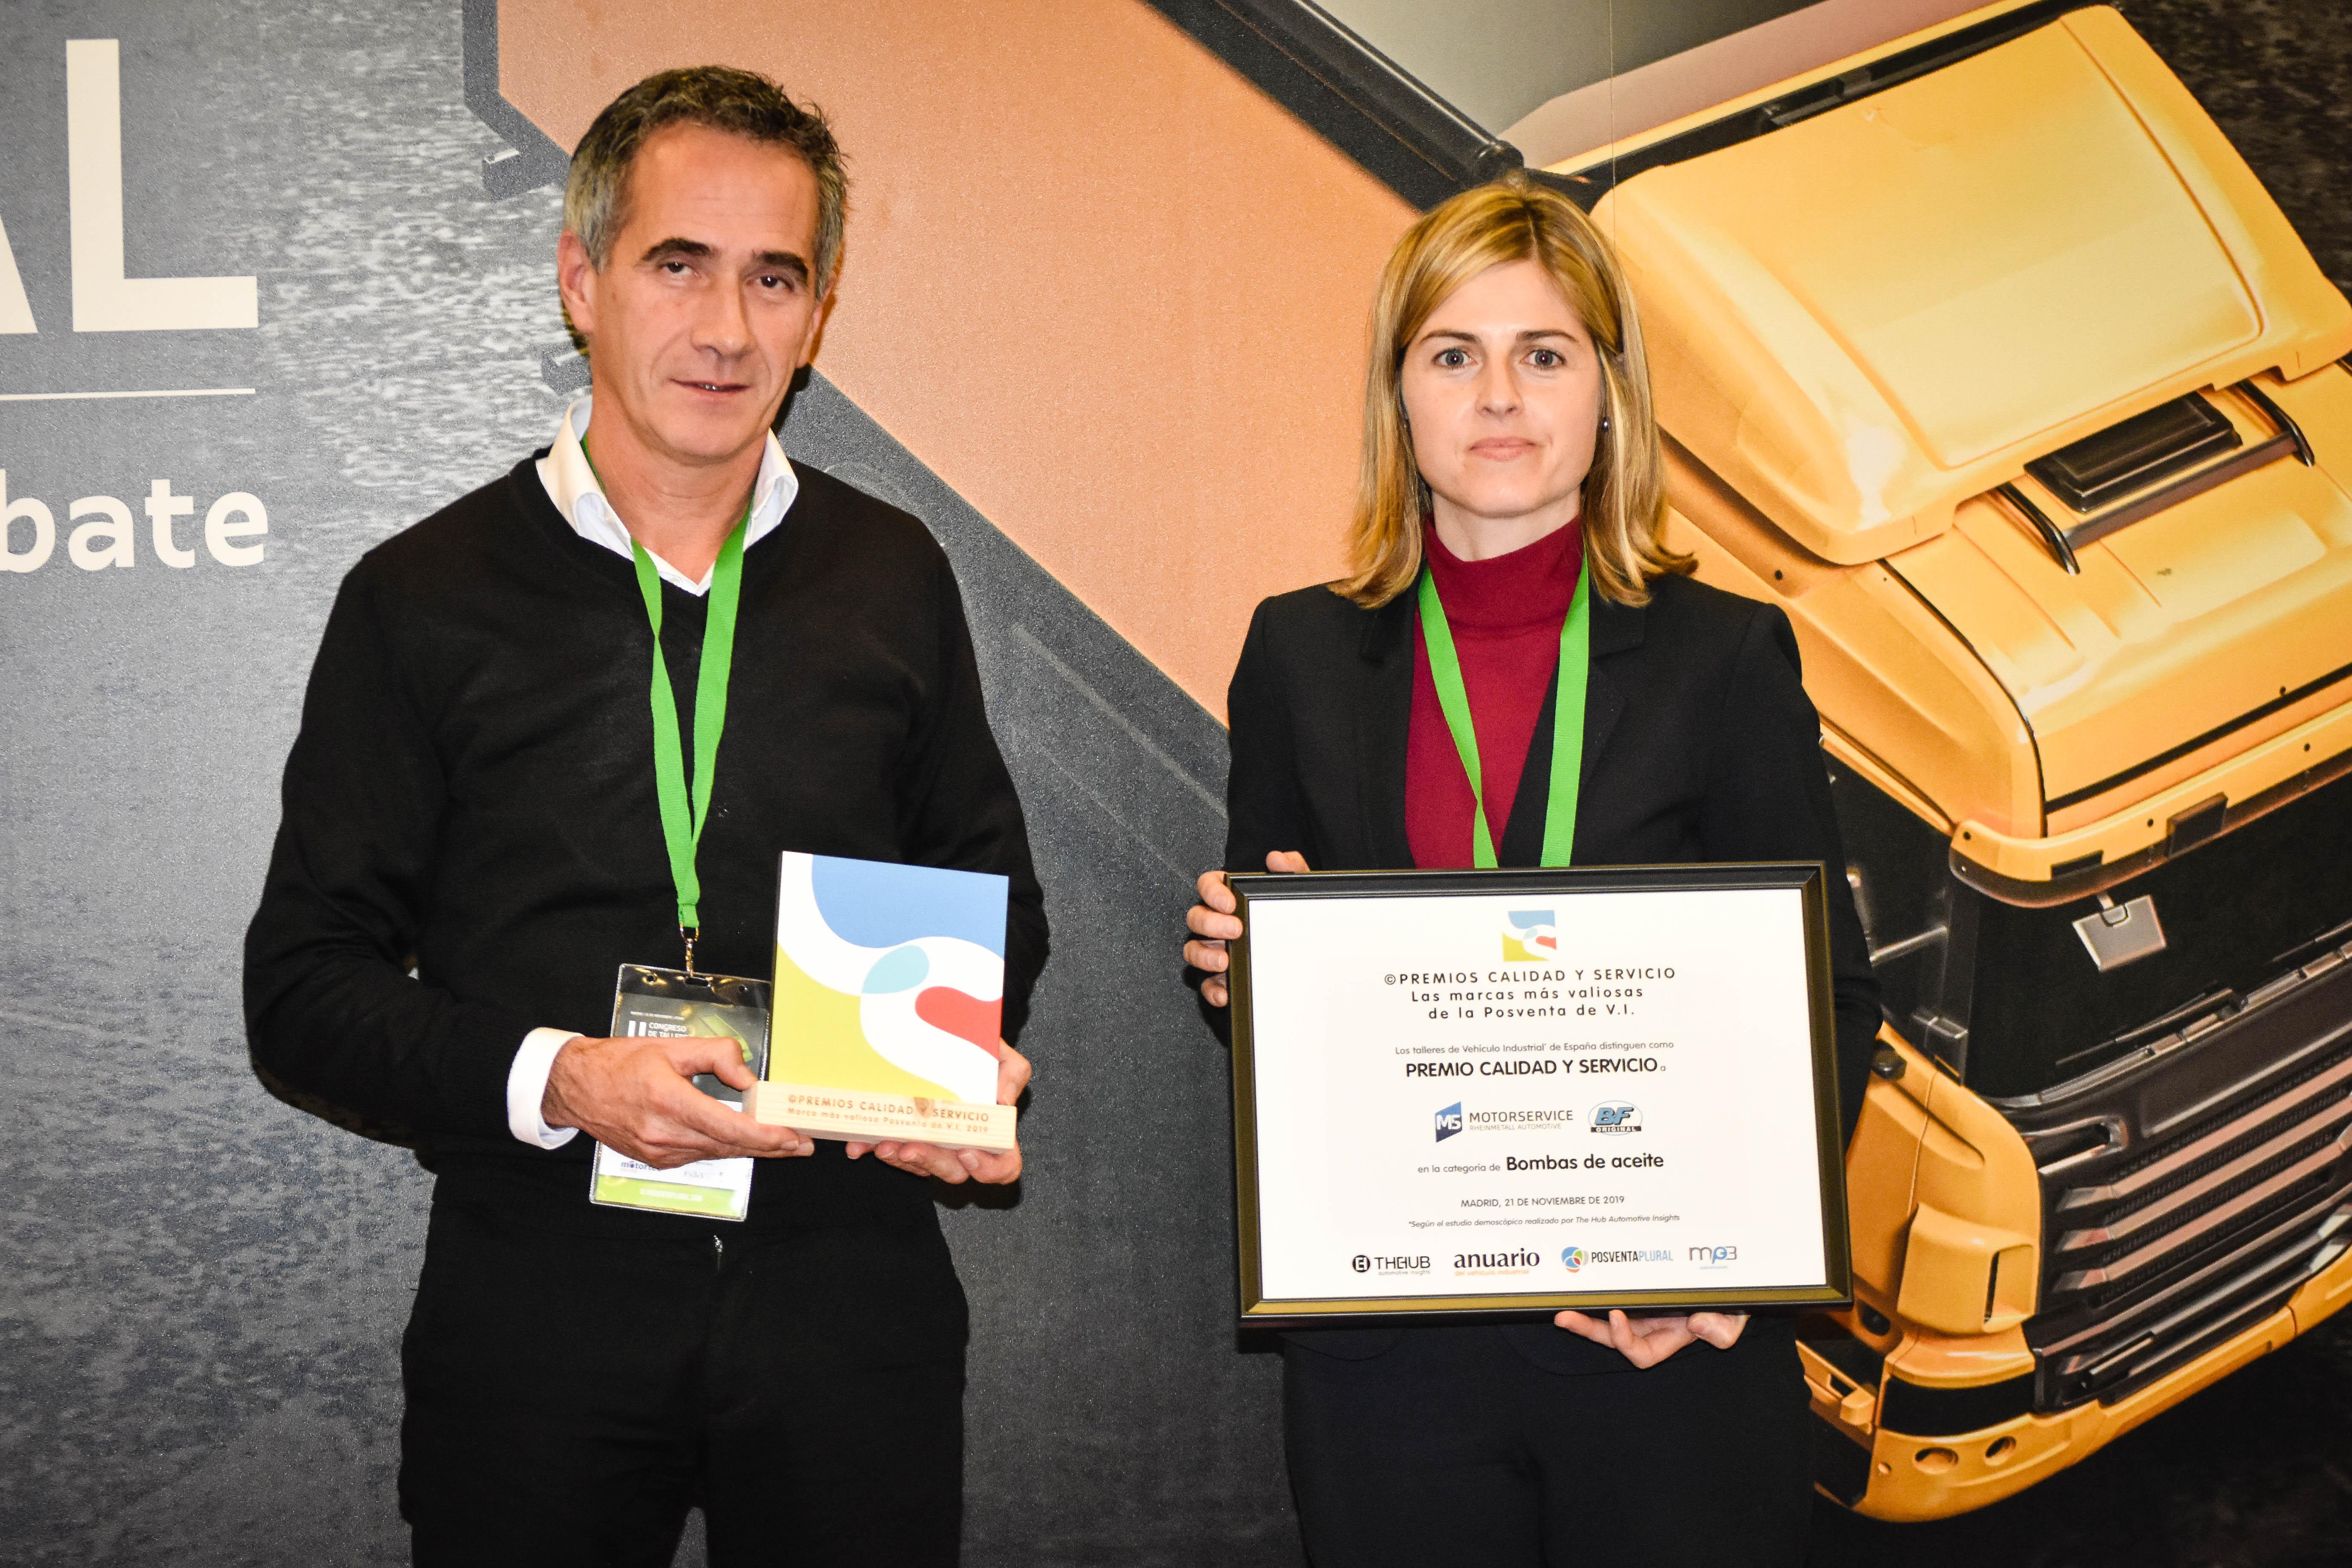 Premio Calidad y Servicio Bombas de aceite MS Motorservice BF Original